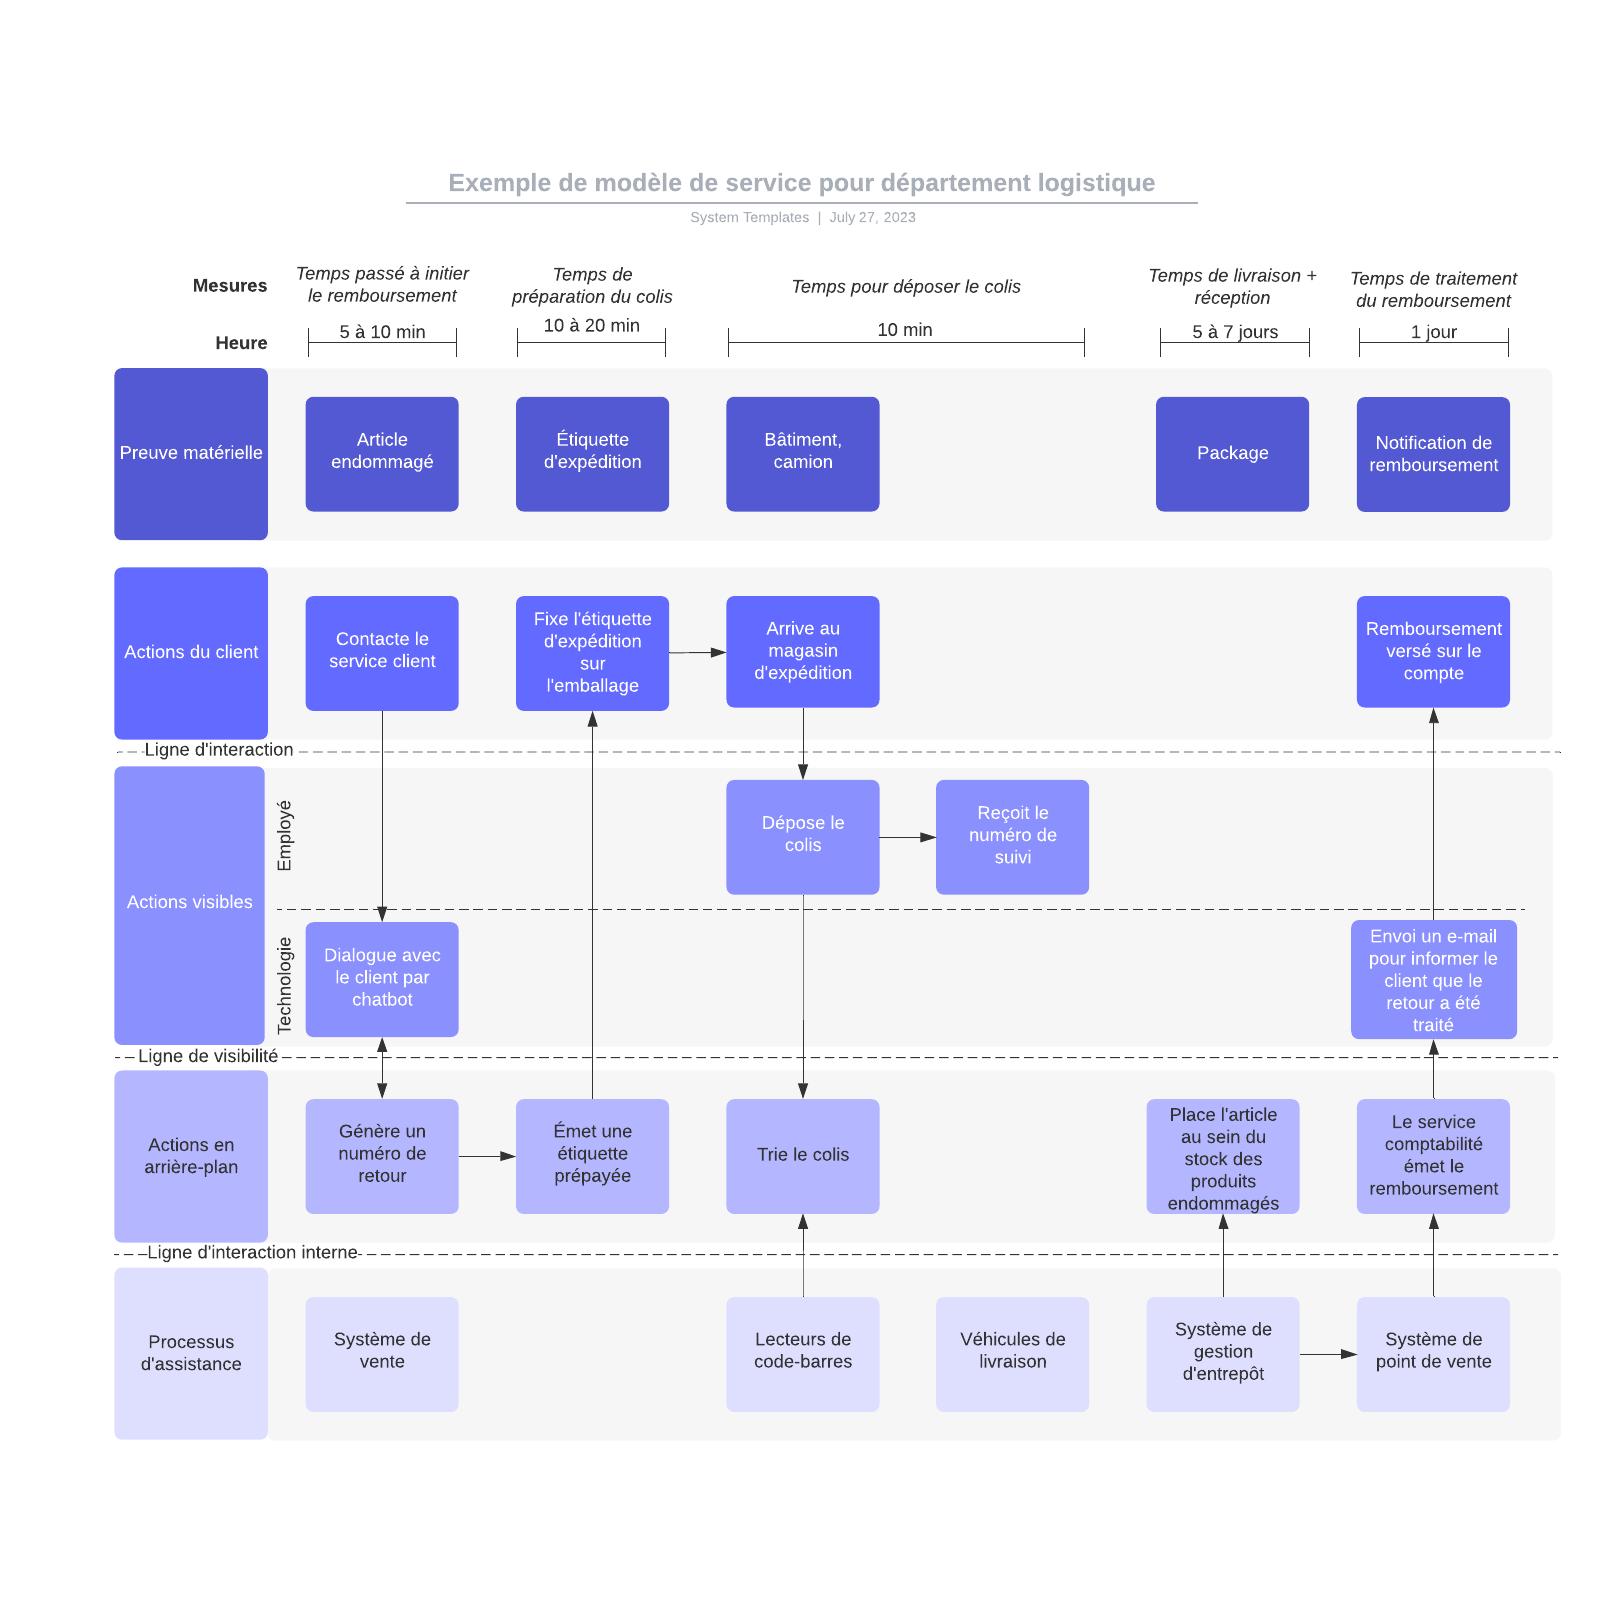 exemple de modèle de service pour département logistique